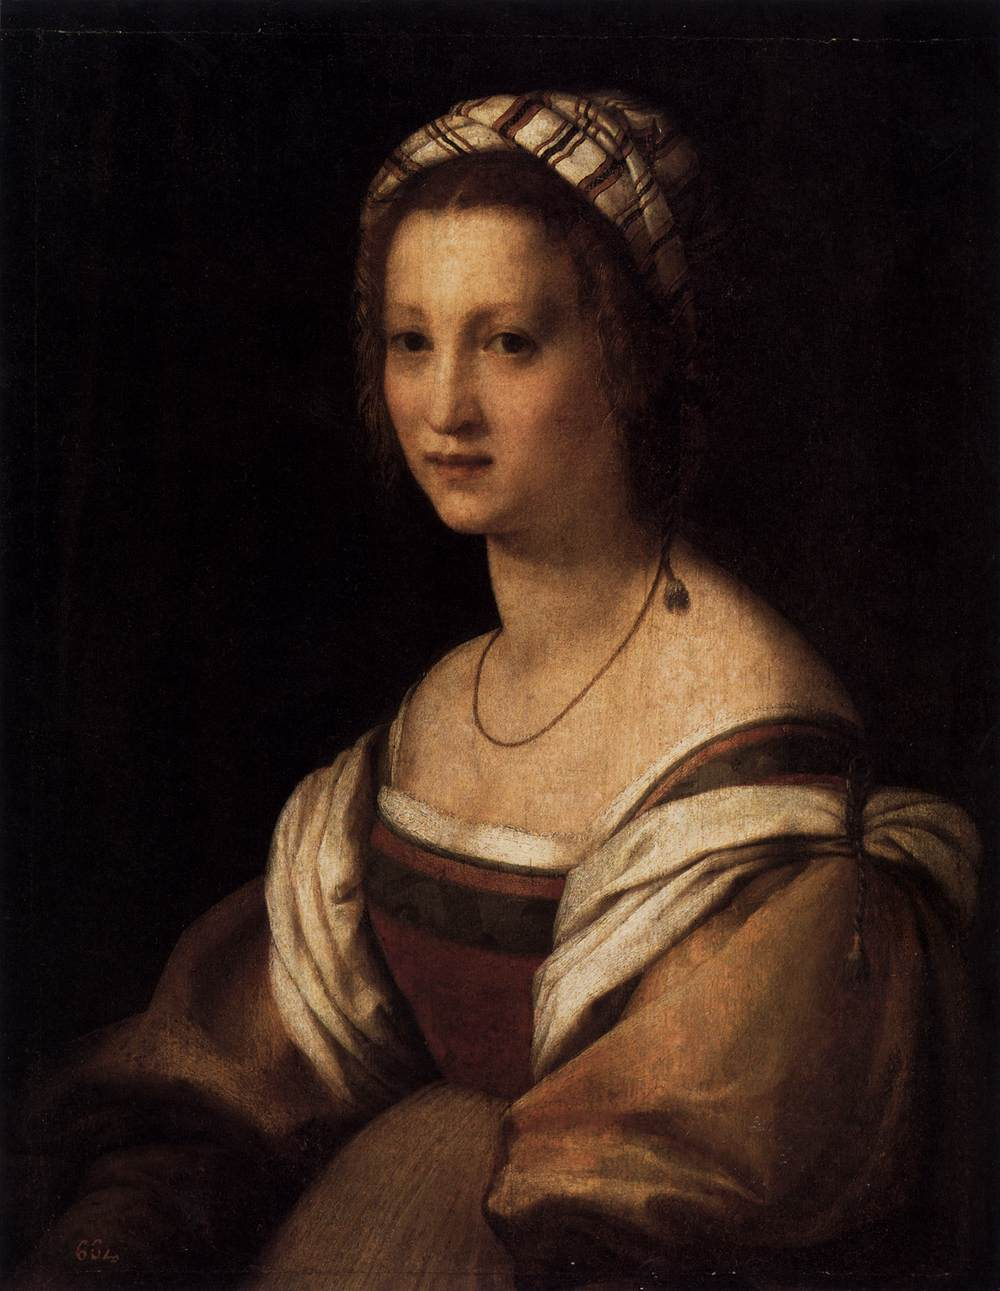 La moglie Lucrezia, ritratta da Andrea nel 1513